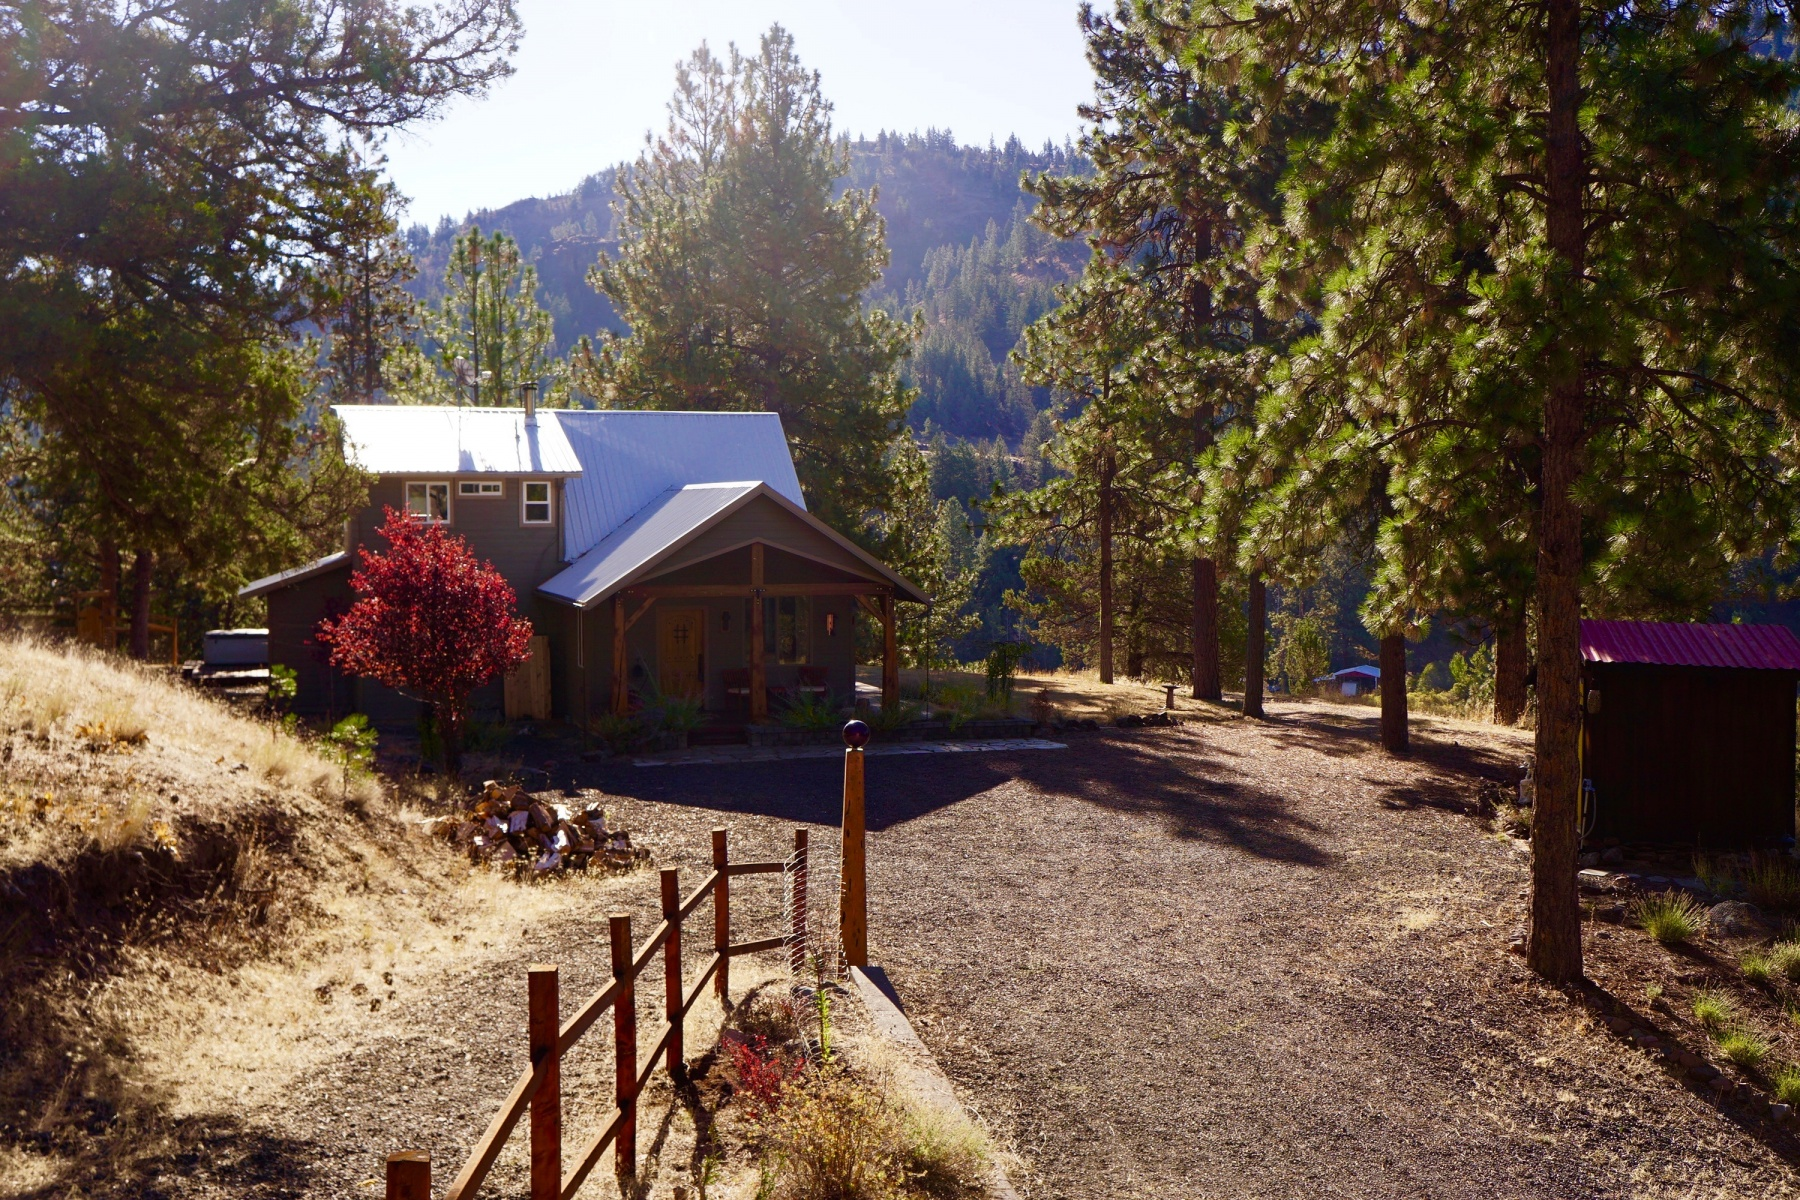 Частный односемейный дом для того Продажа на 5191 NE McKay Creek Road, PRINEVILLE 5191 NE McKay Creek Rd Prineville, Орегон, 97754 Соединенные Штаты